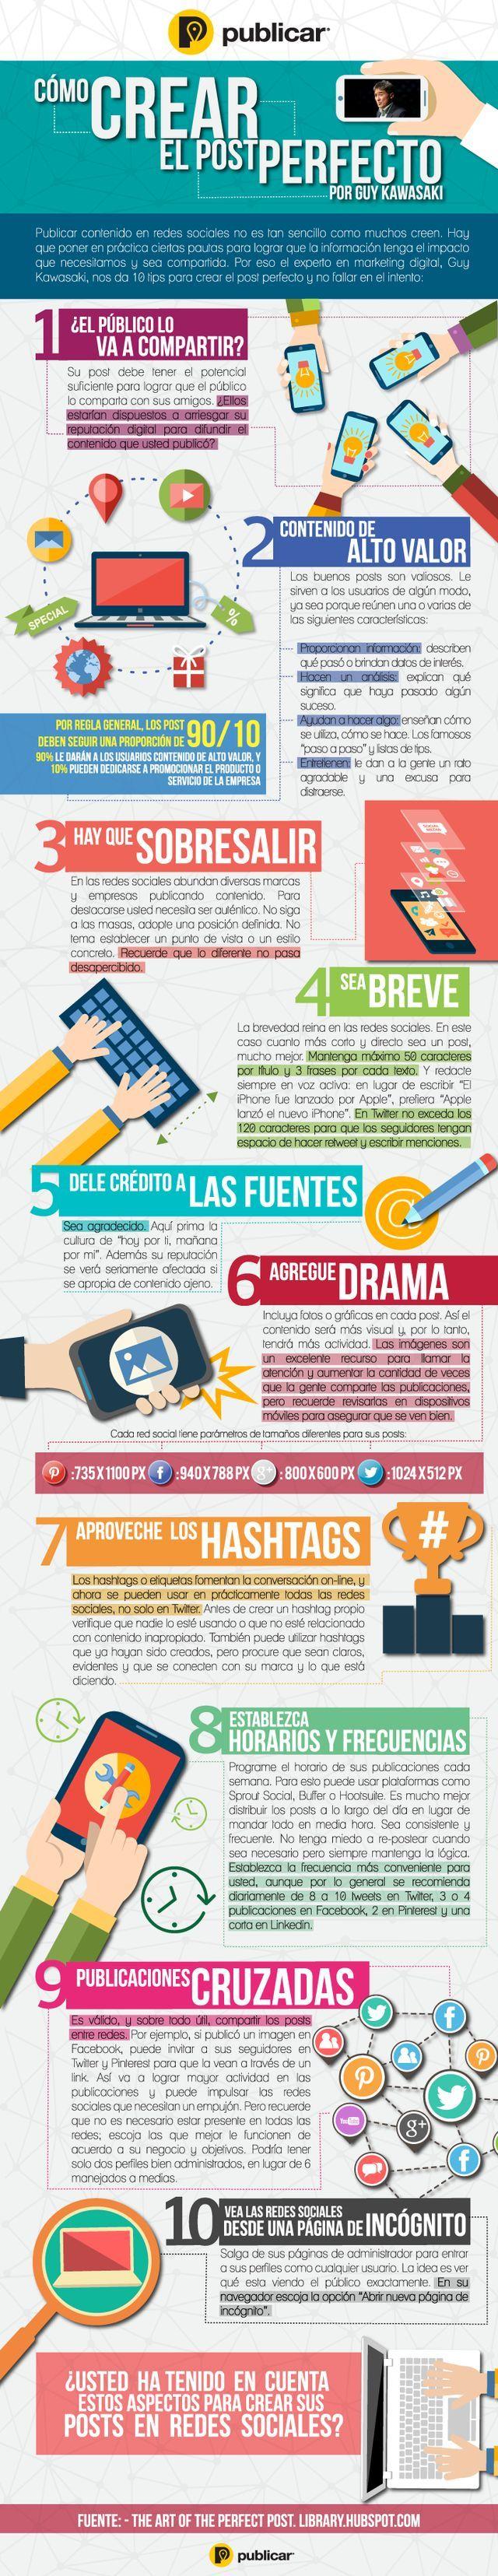 Todo un gurú como Guy Kawasaki nos ofrece diez consejos para publicar posts sociales perfectos en las redes sociales. Excepcional infografía en castellano.